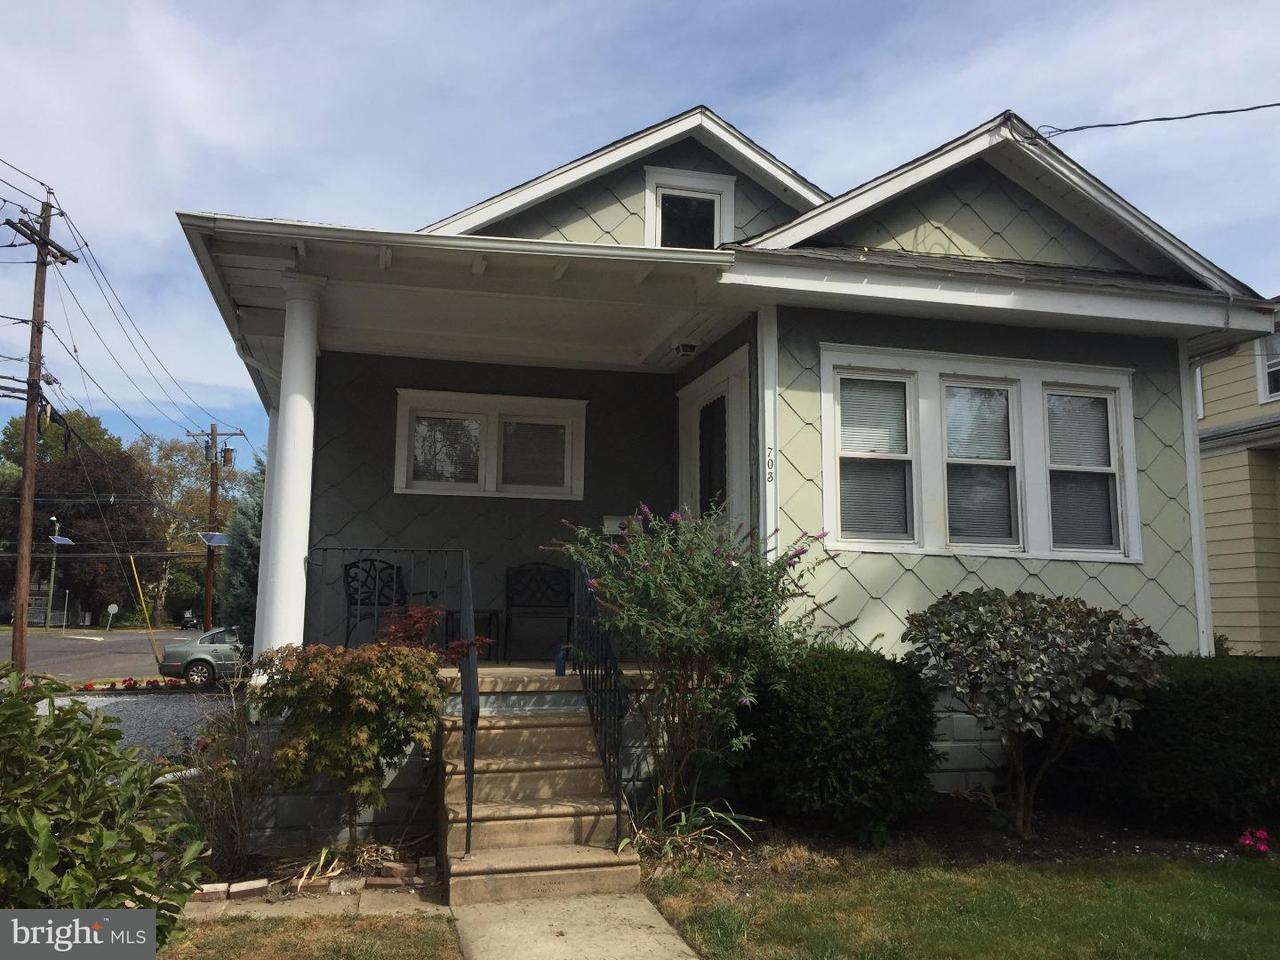 Частный односемейный дом для того Аренда на 703 WILLITTS Avenue Audubon, Нью-Джерси 08106 Соединенные Штаты